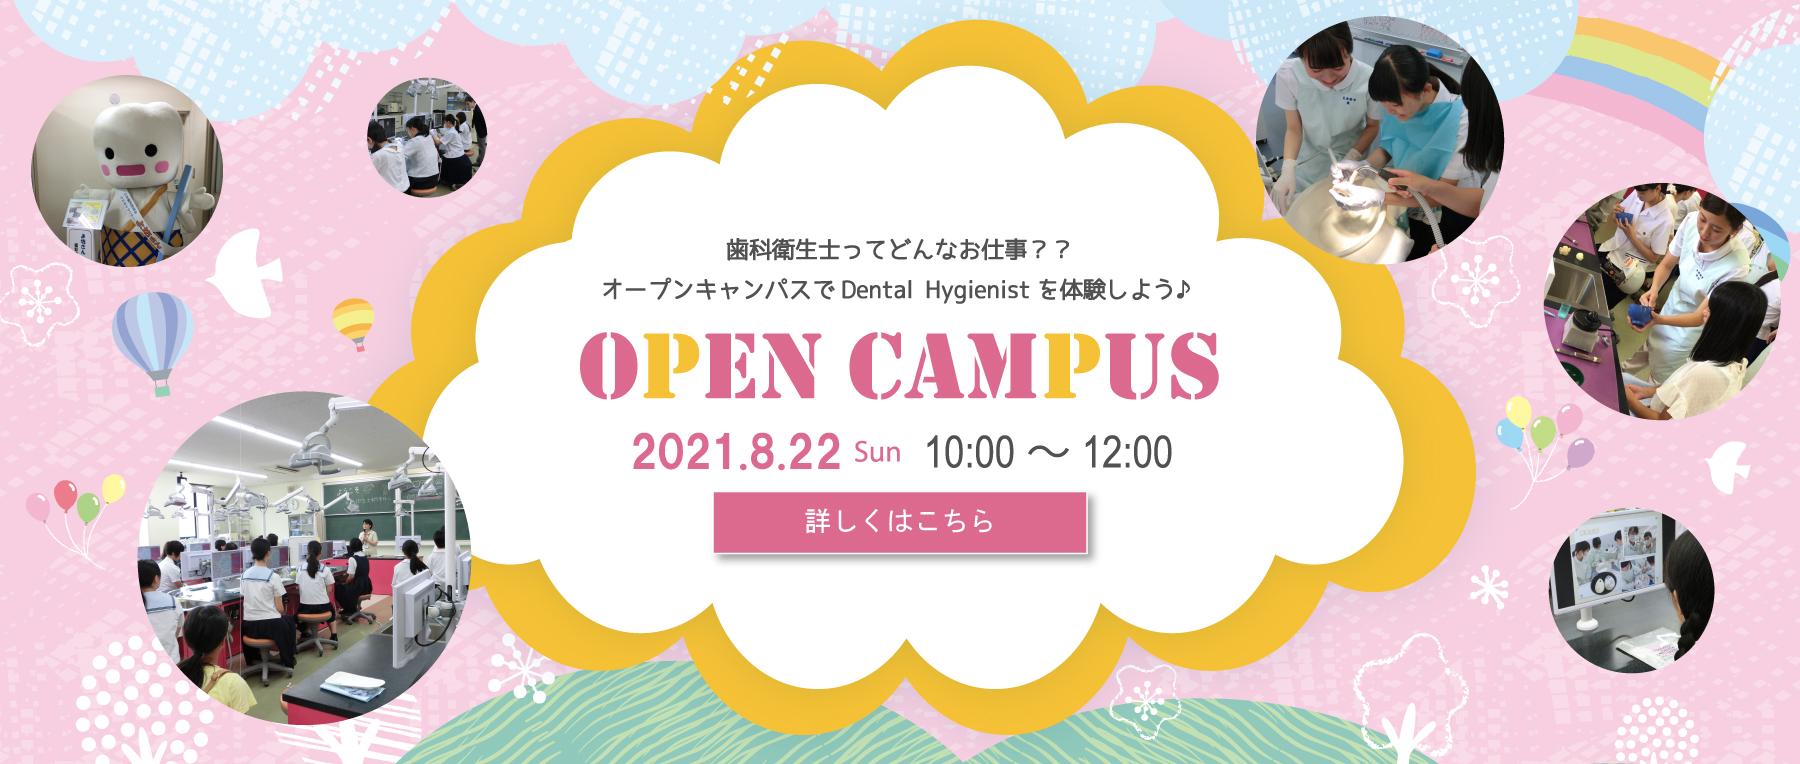 長崎歯科衛生士専門学校オープンキャンパス